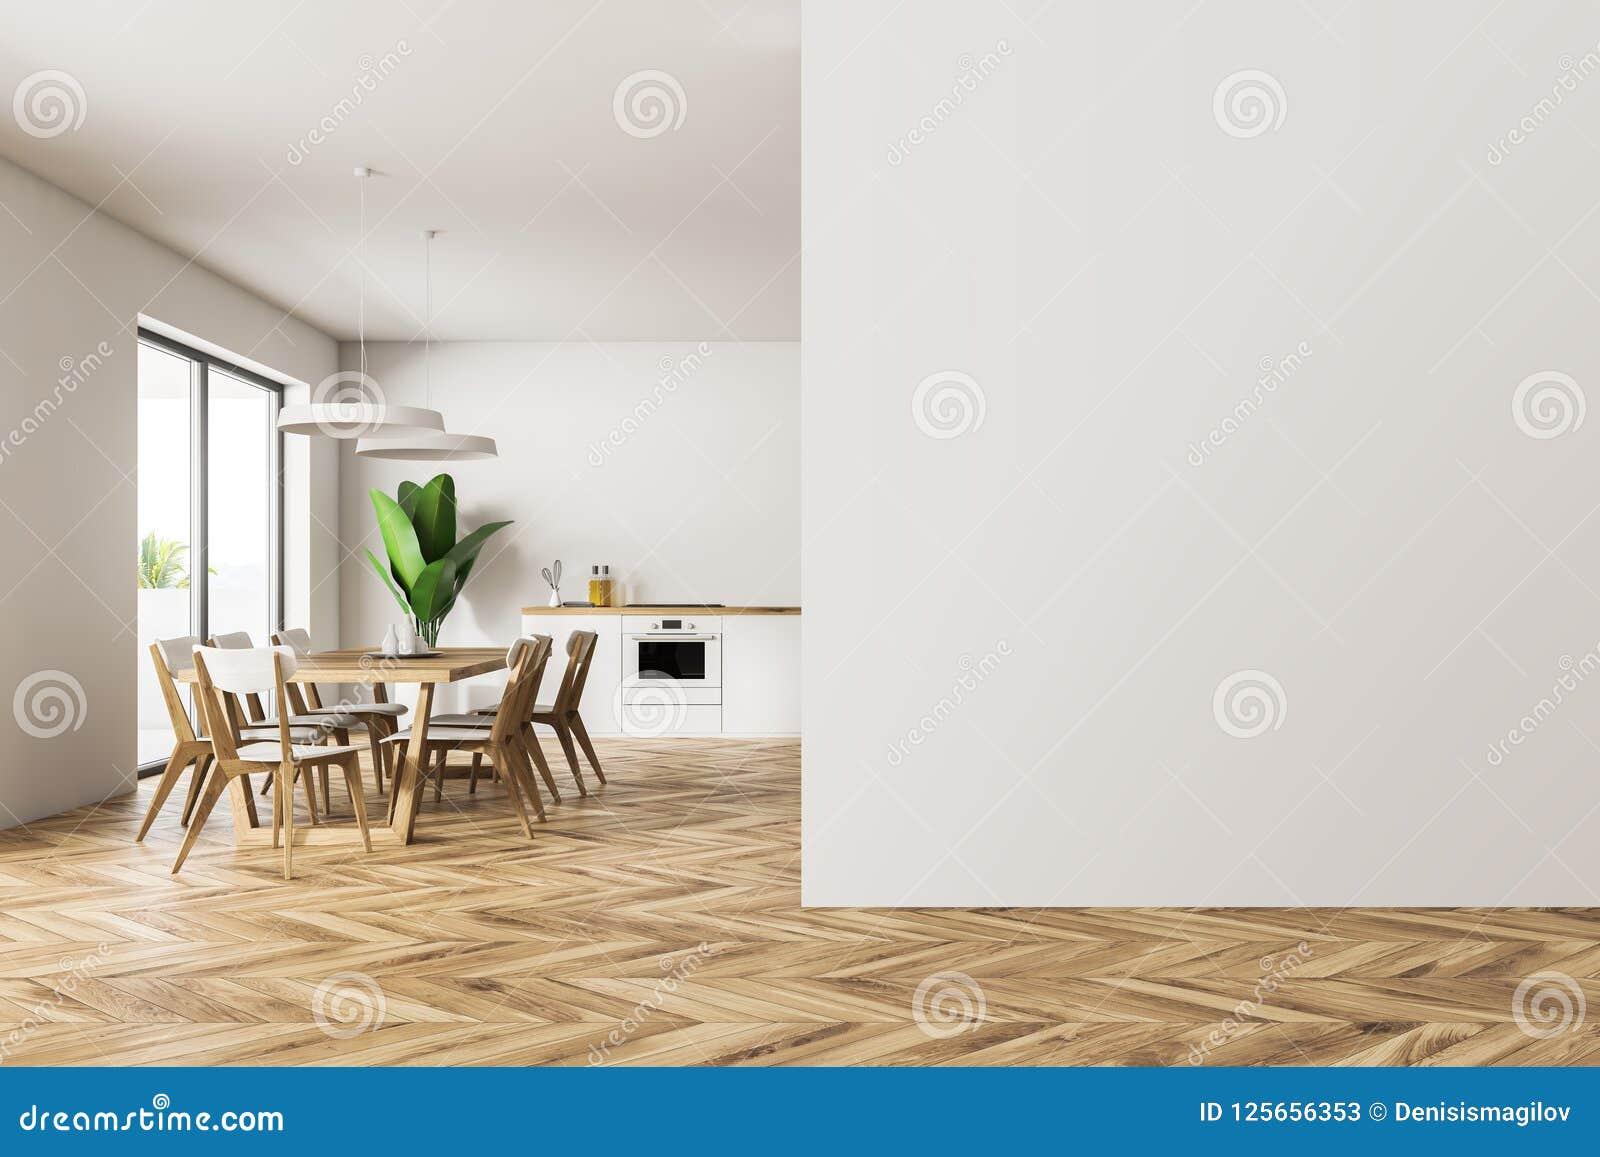 Cocina Blanca Y Comedor Interiores, Pared En Blanco Stock de ...